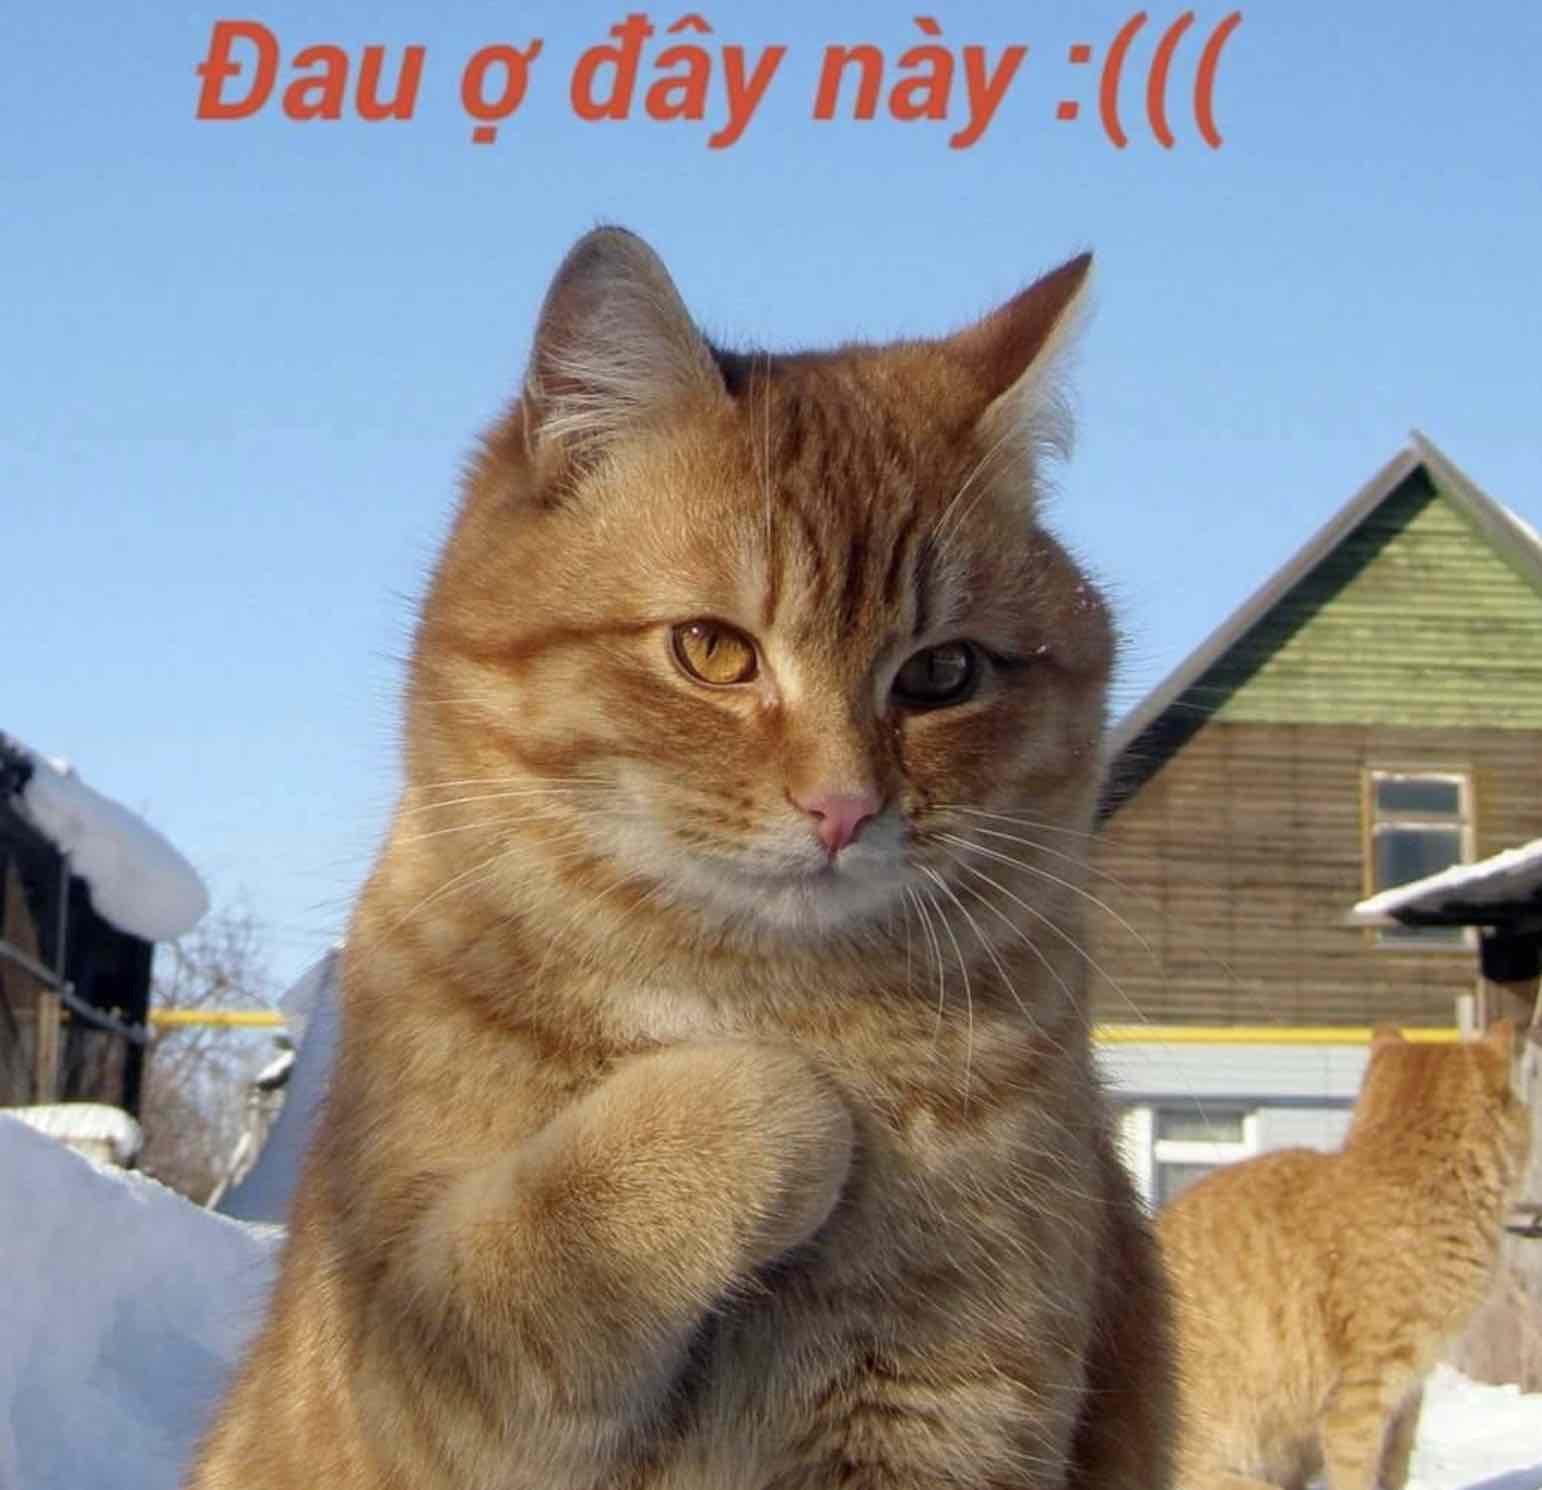 Đau ở đây này - mèo vàng đưa tay lên tim